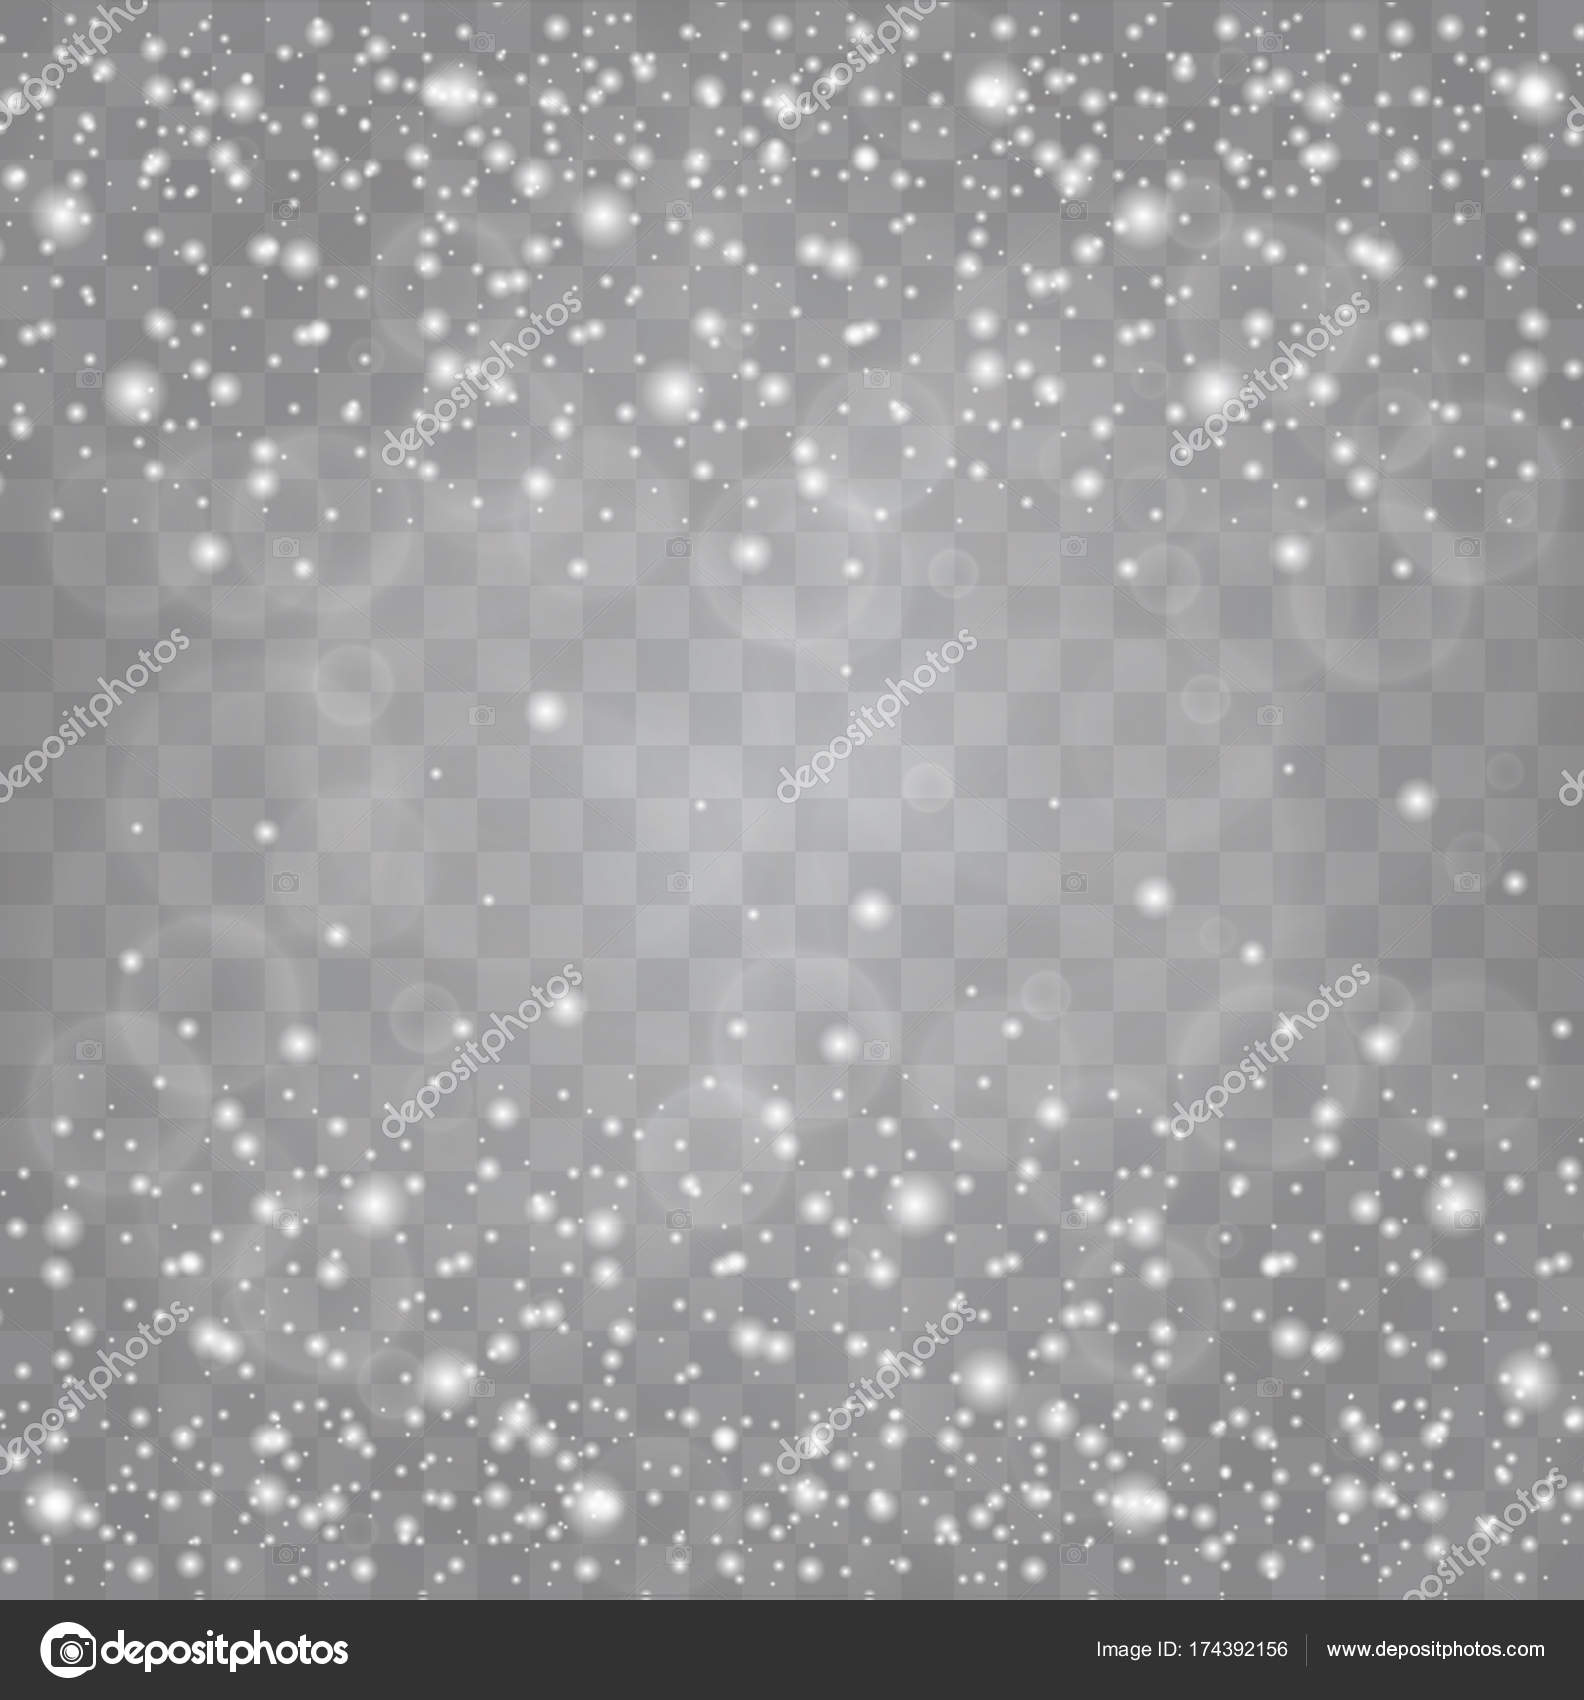 Weiße Funken und goldene Sterne glitzern besonderen Lichteffekt ...